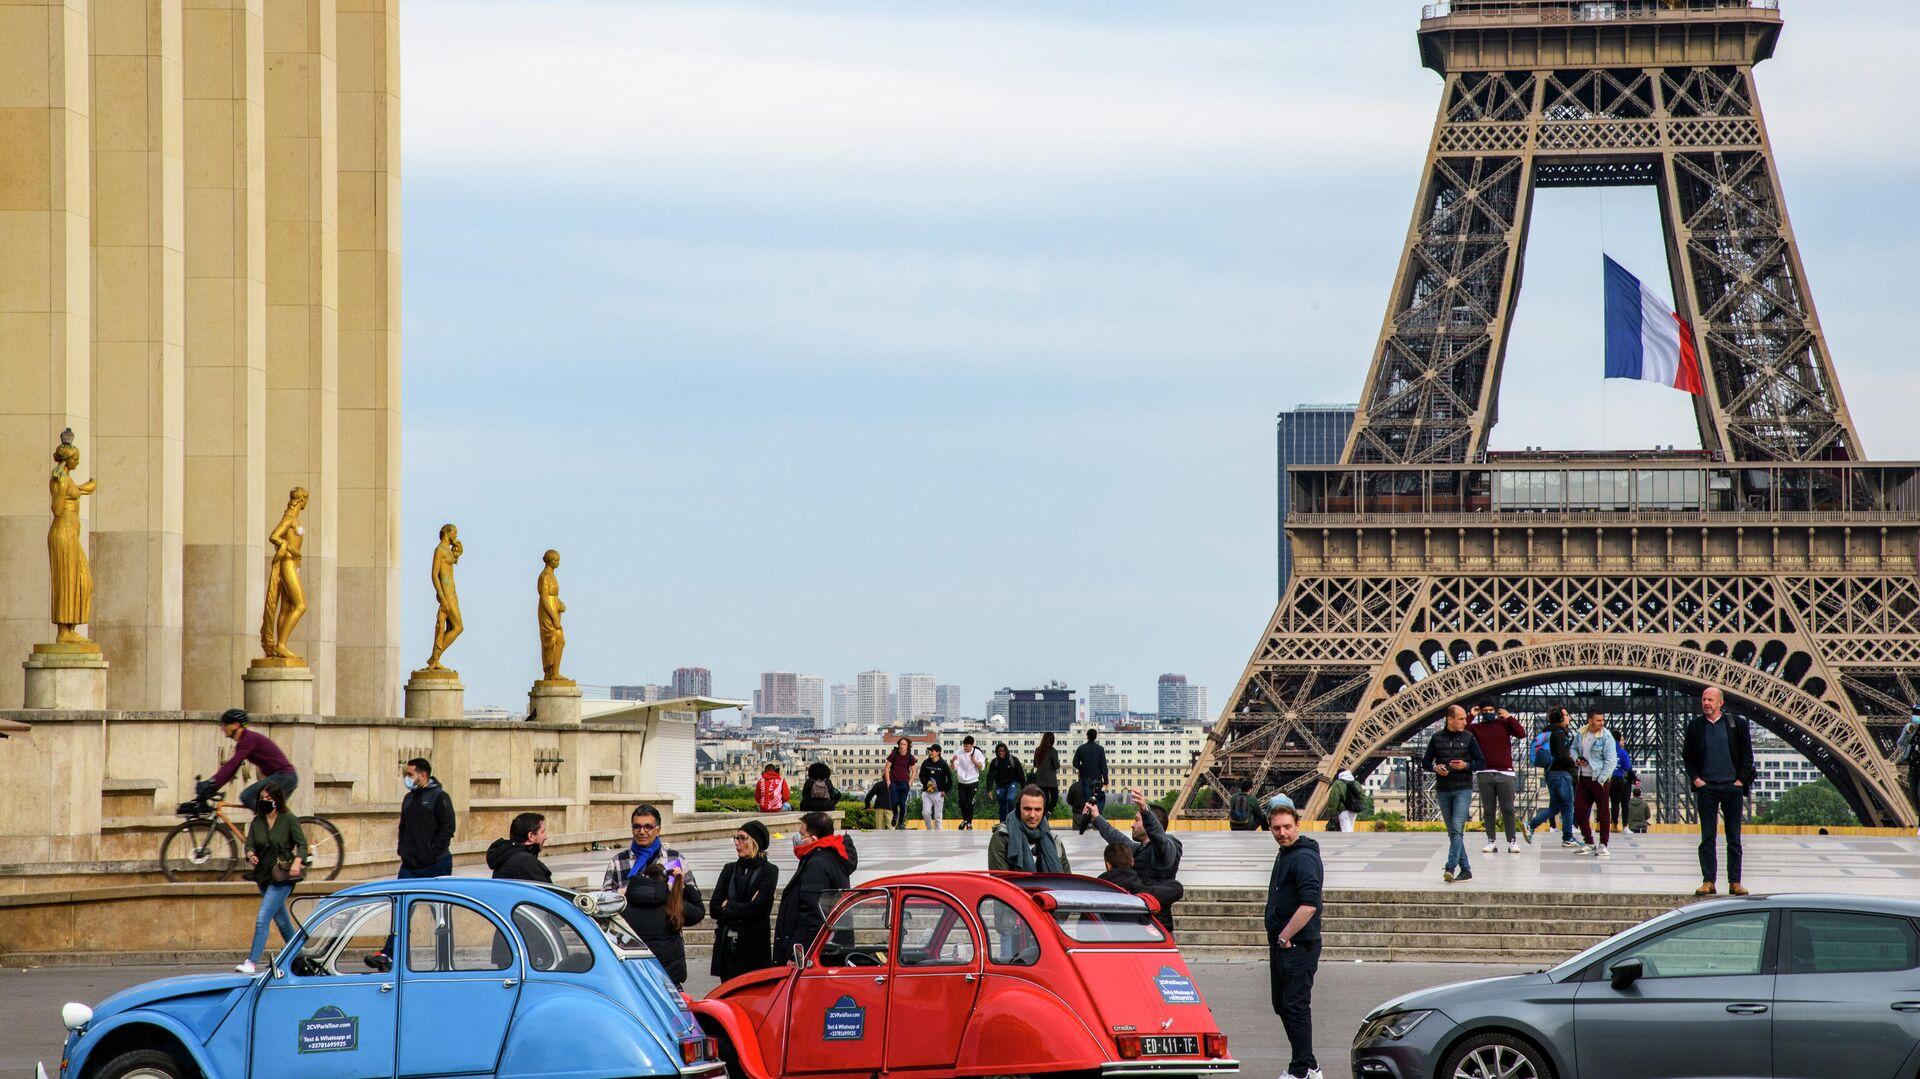 Прохожие на площади Трокадеро в Париже - РИА Новости, 1920, 16.09.2020